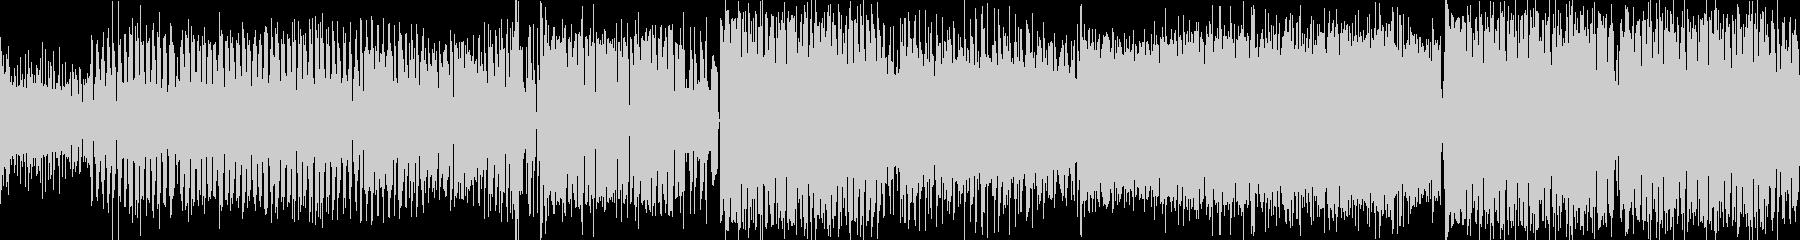 [テンポの良い硬質系クラブミュージック]の未再生の波形